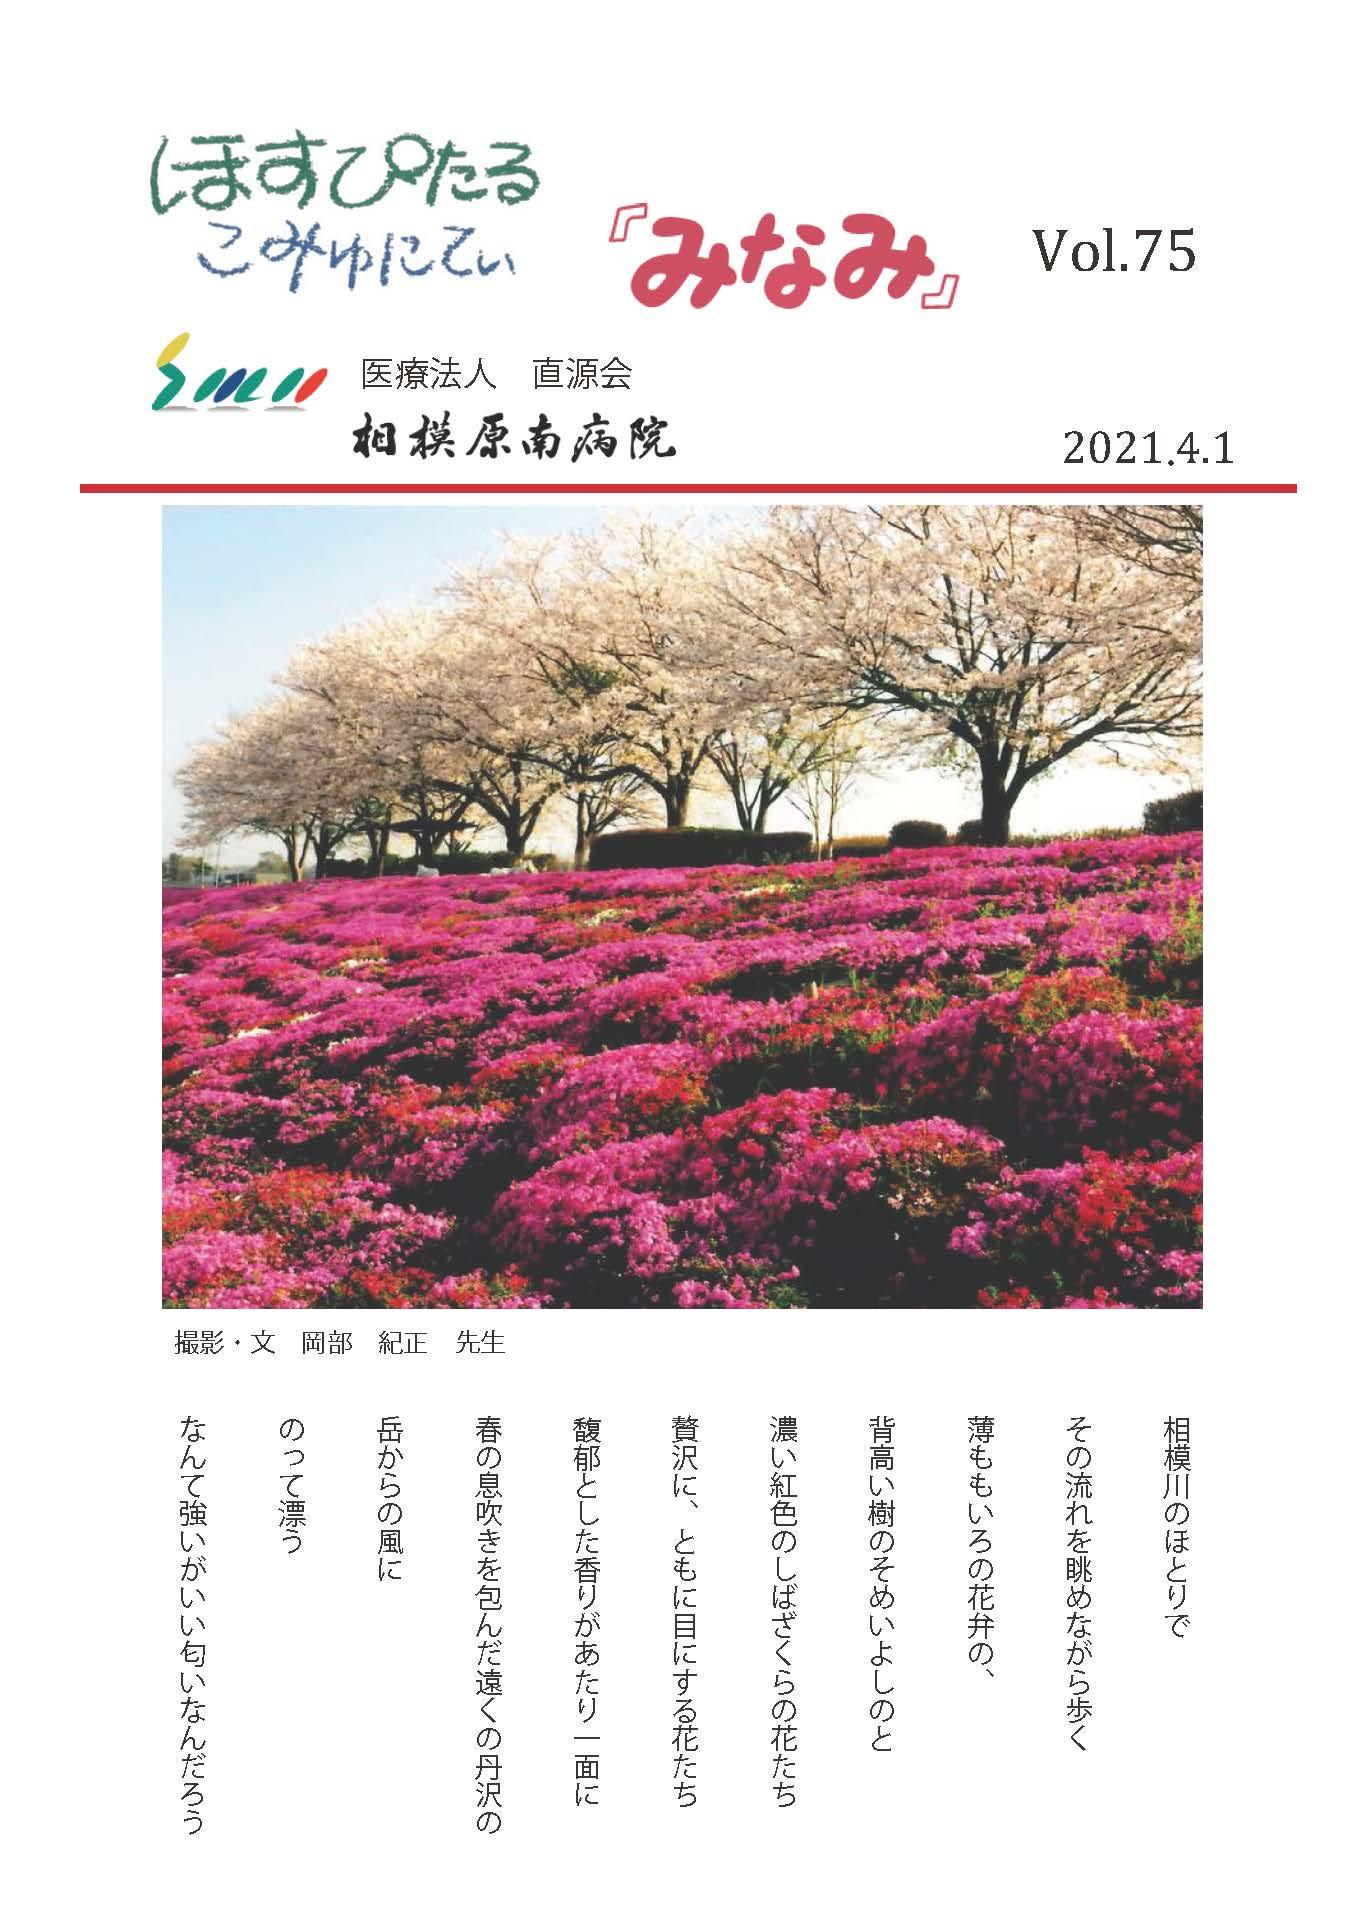 ほすぴたるこみゅにてぃ「みなみ」Vol.75